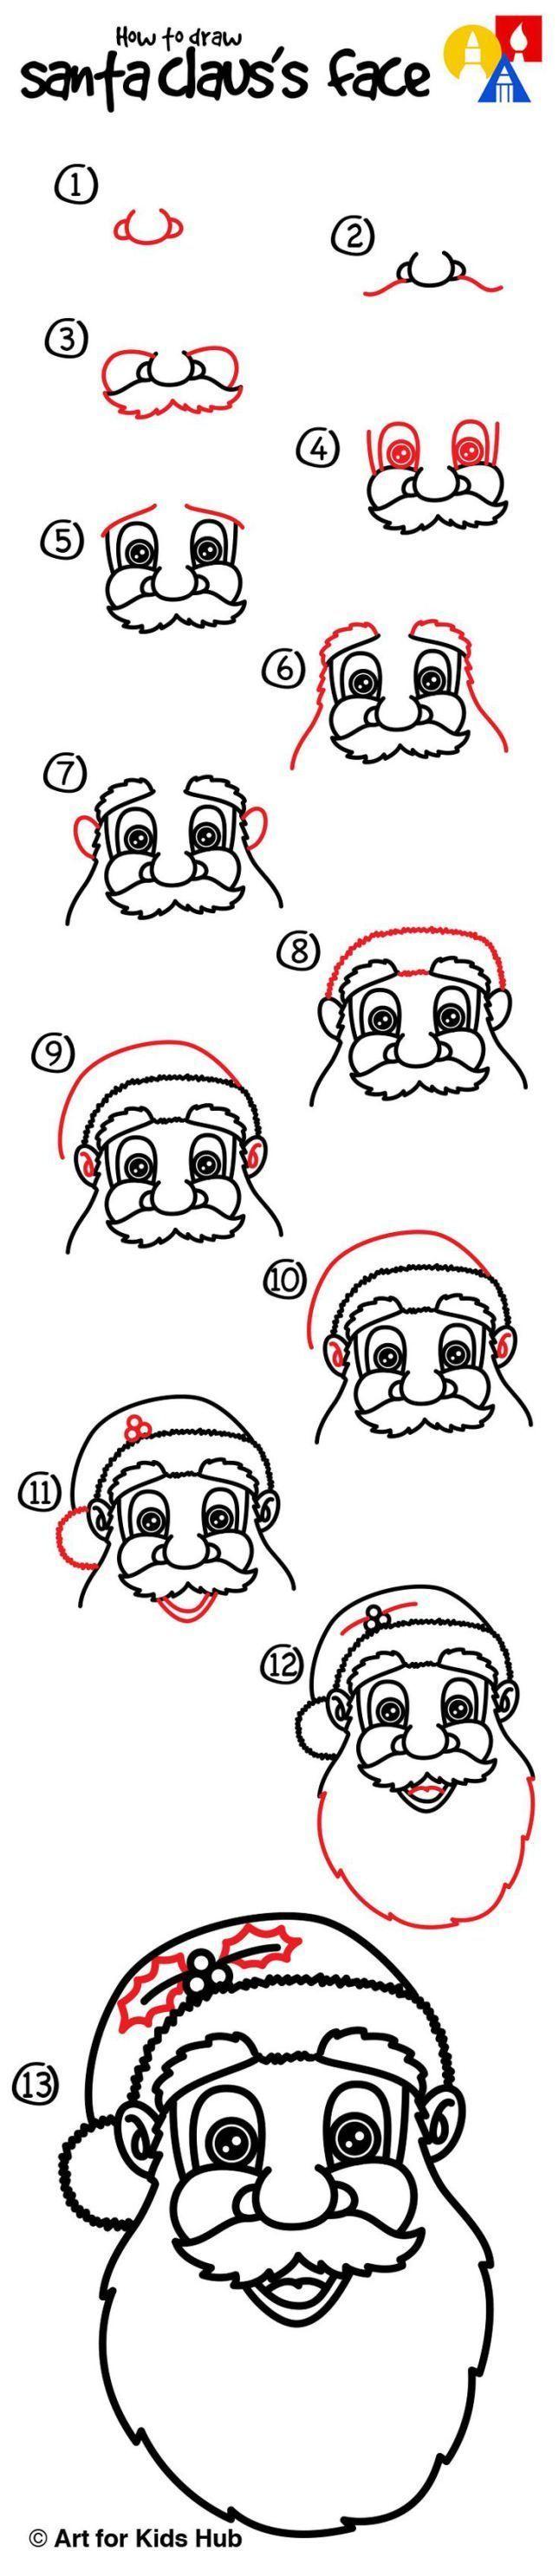 Draw Santa's Face